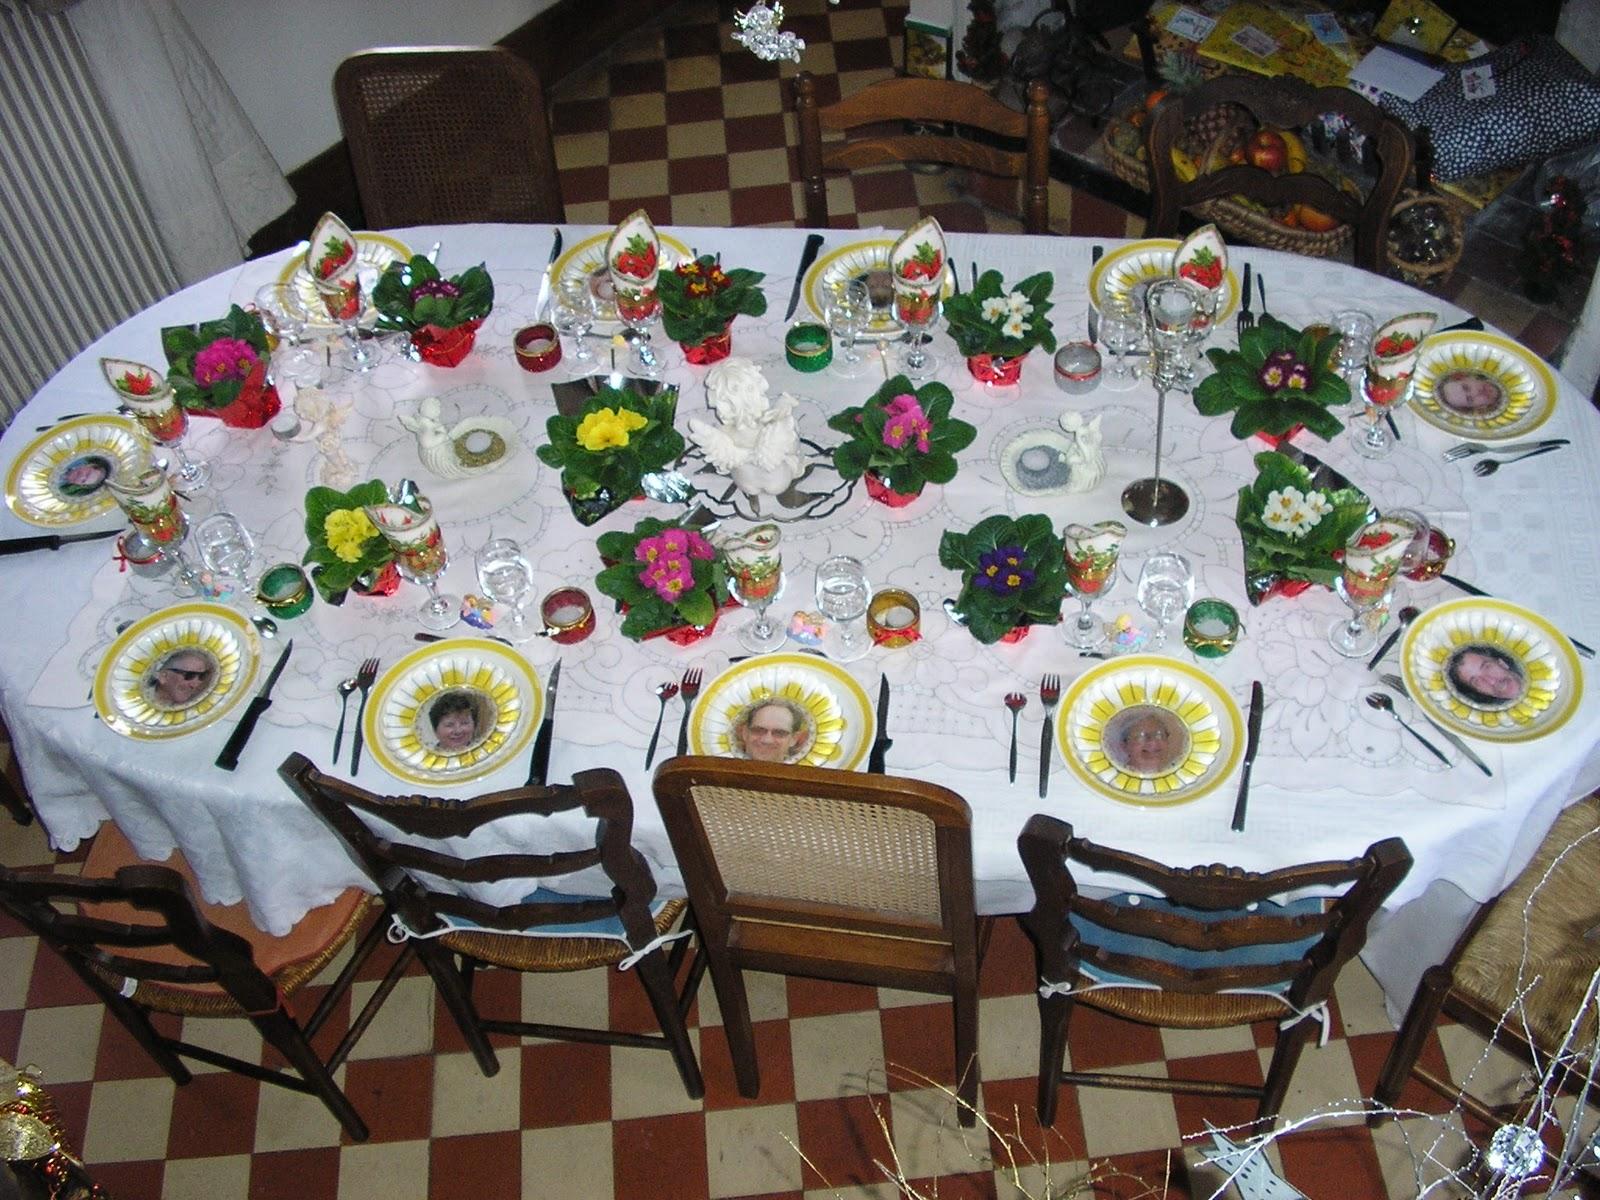 Les mains dans la t te marque place d coration de table - Marque de decoration ...